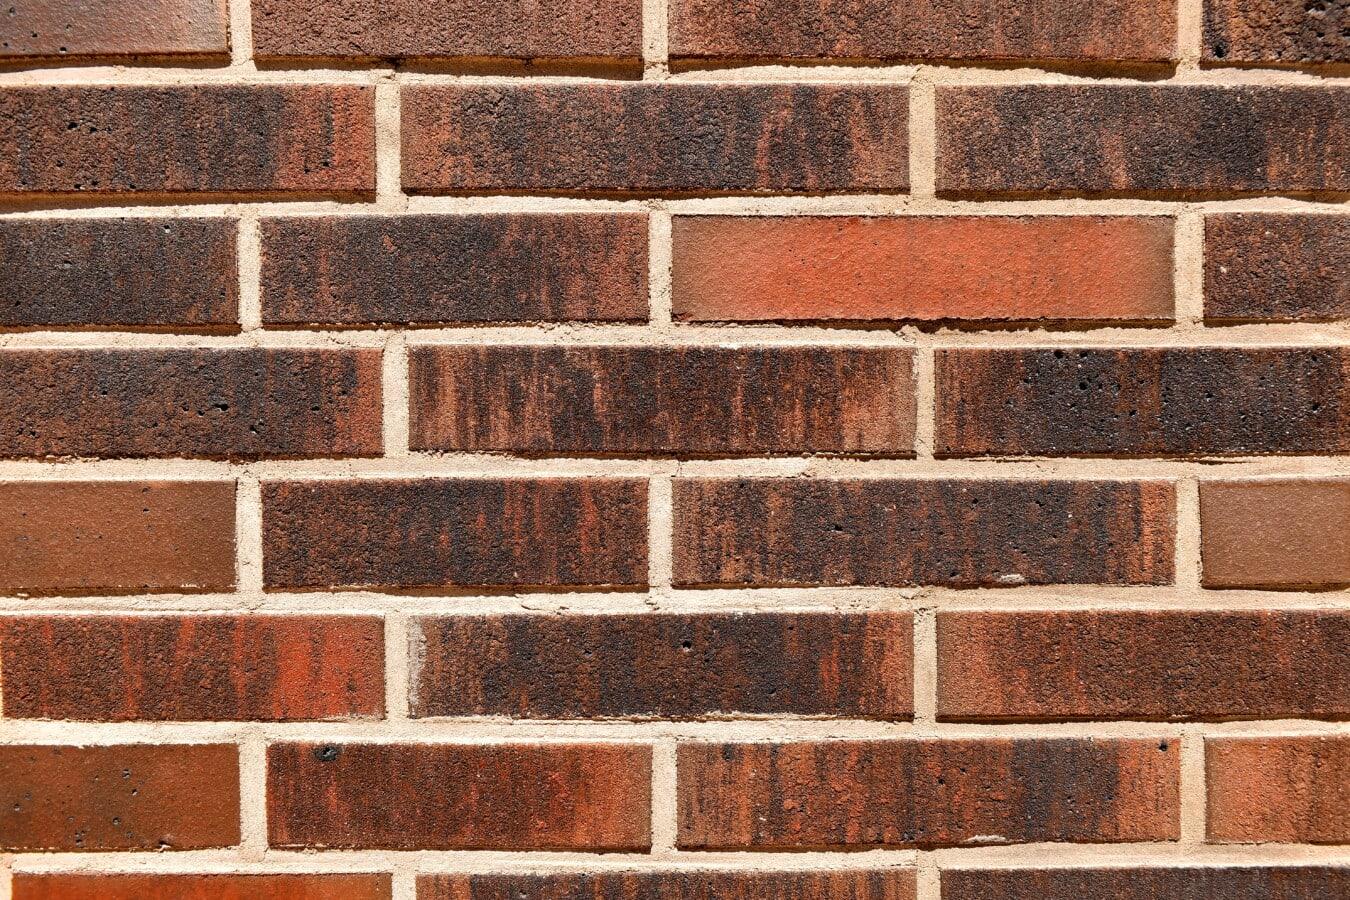 murstein, tekstur, vegg, vanlige, mur, brun, mønstre, vannrett, gamle, gammel stil